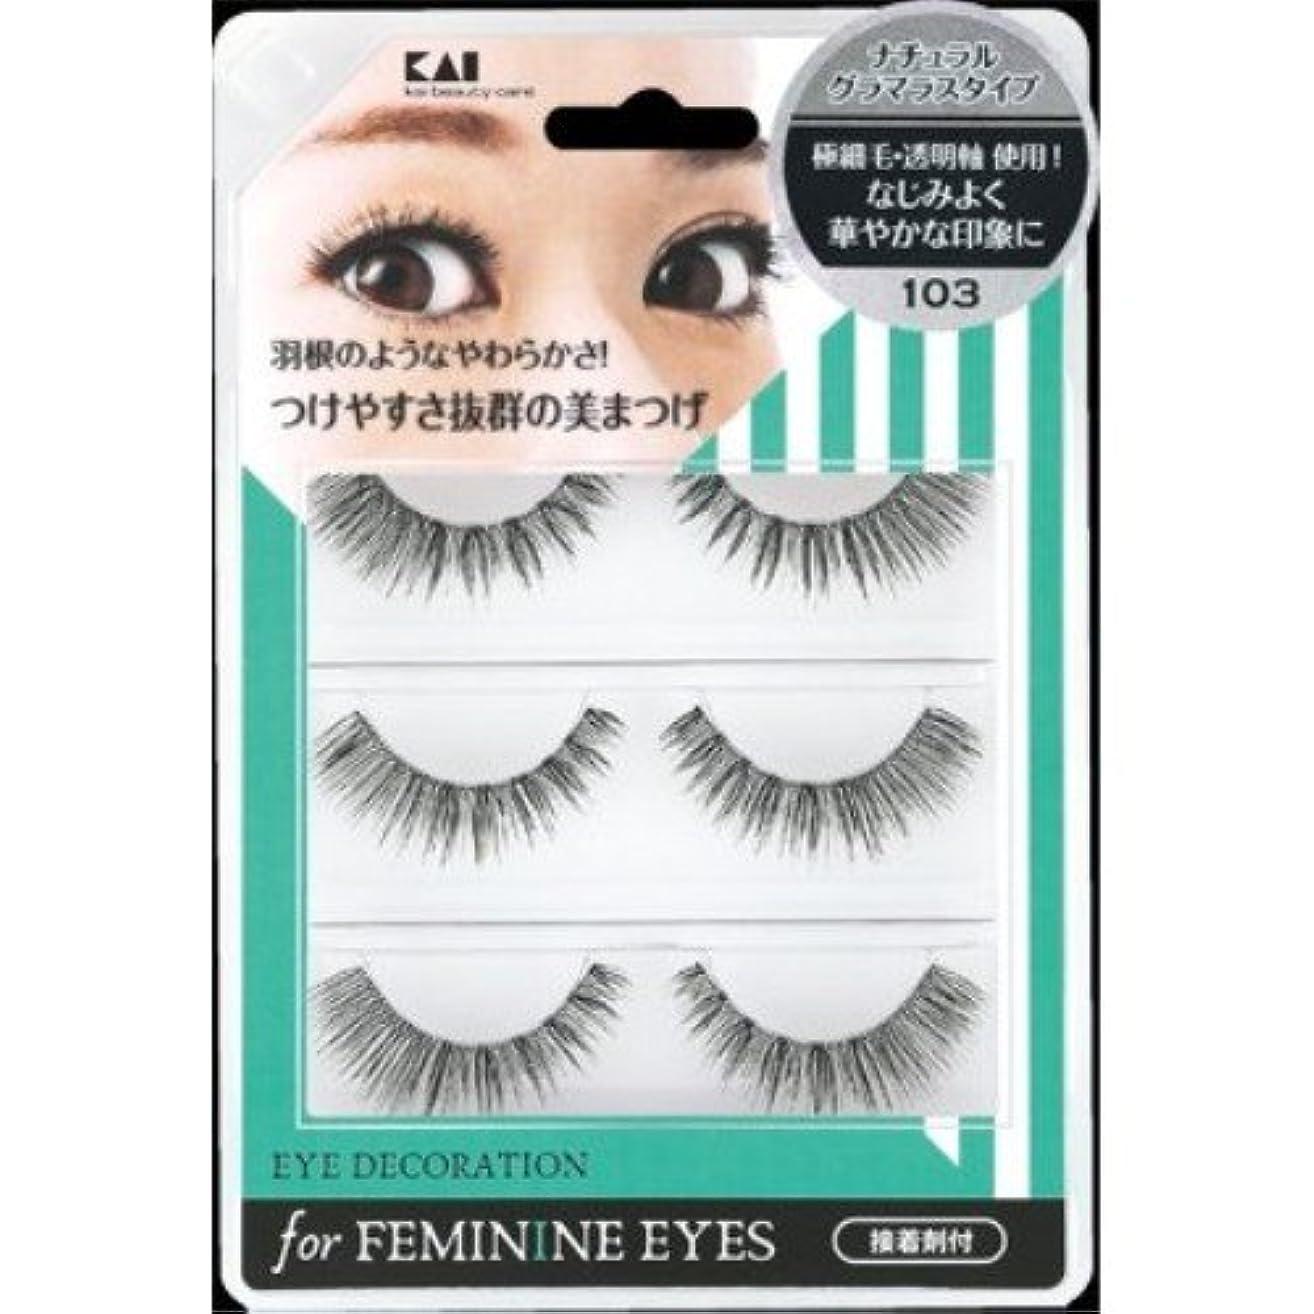 貝印 アイデコレーション for feminine eyes 103 HC1557